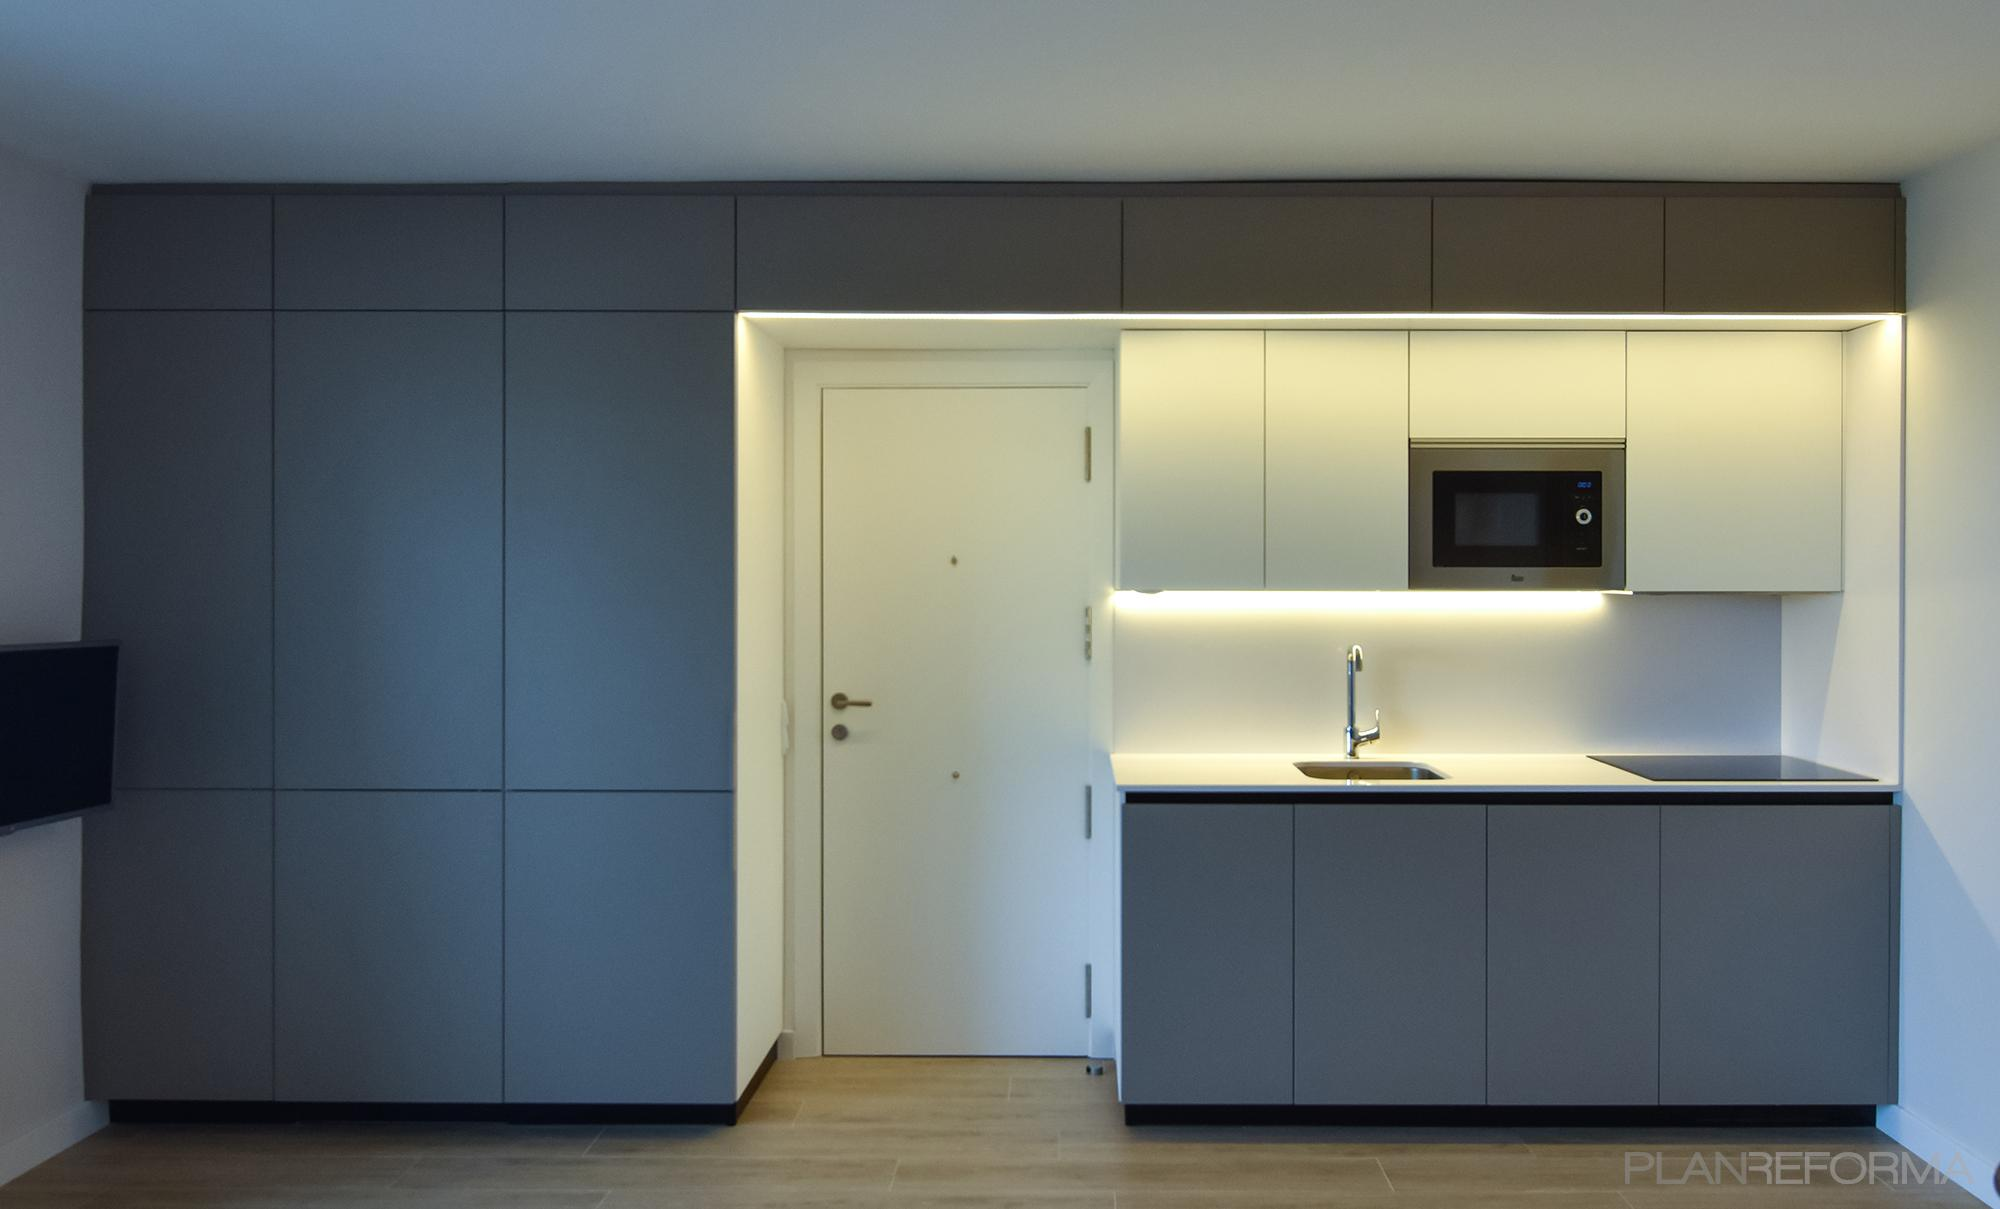 Recibidor, Cocina, Lavadero Estilo moderno Color marron, beige, blanco  diseñado por Goko   Arquitecto